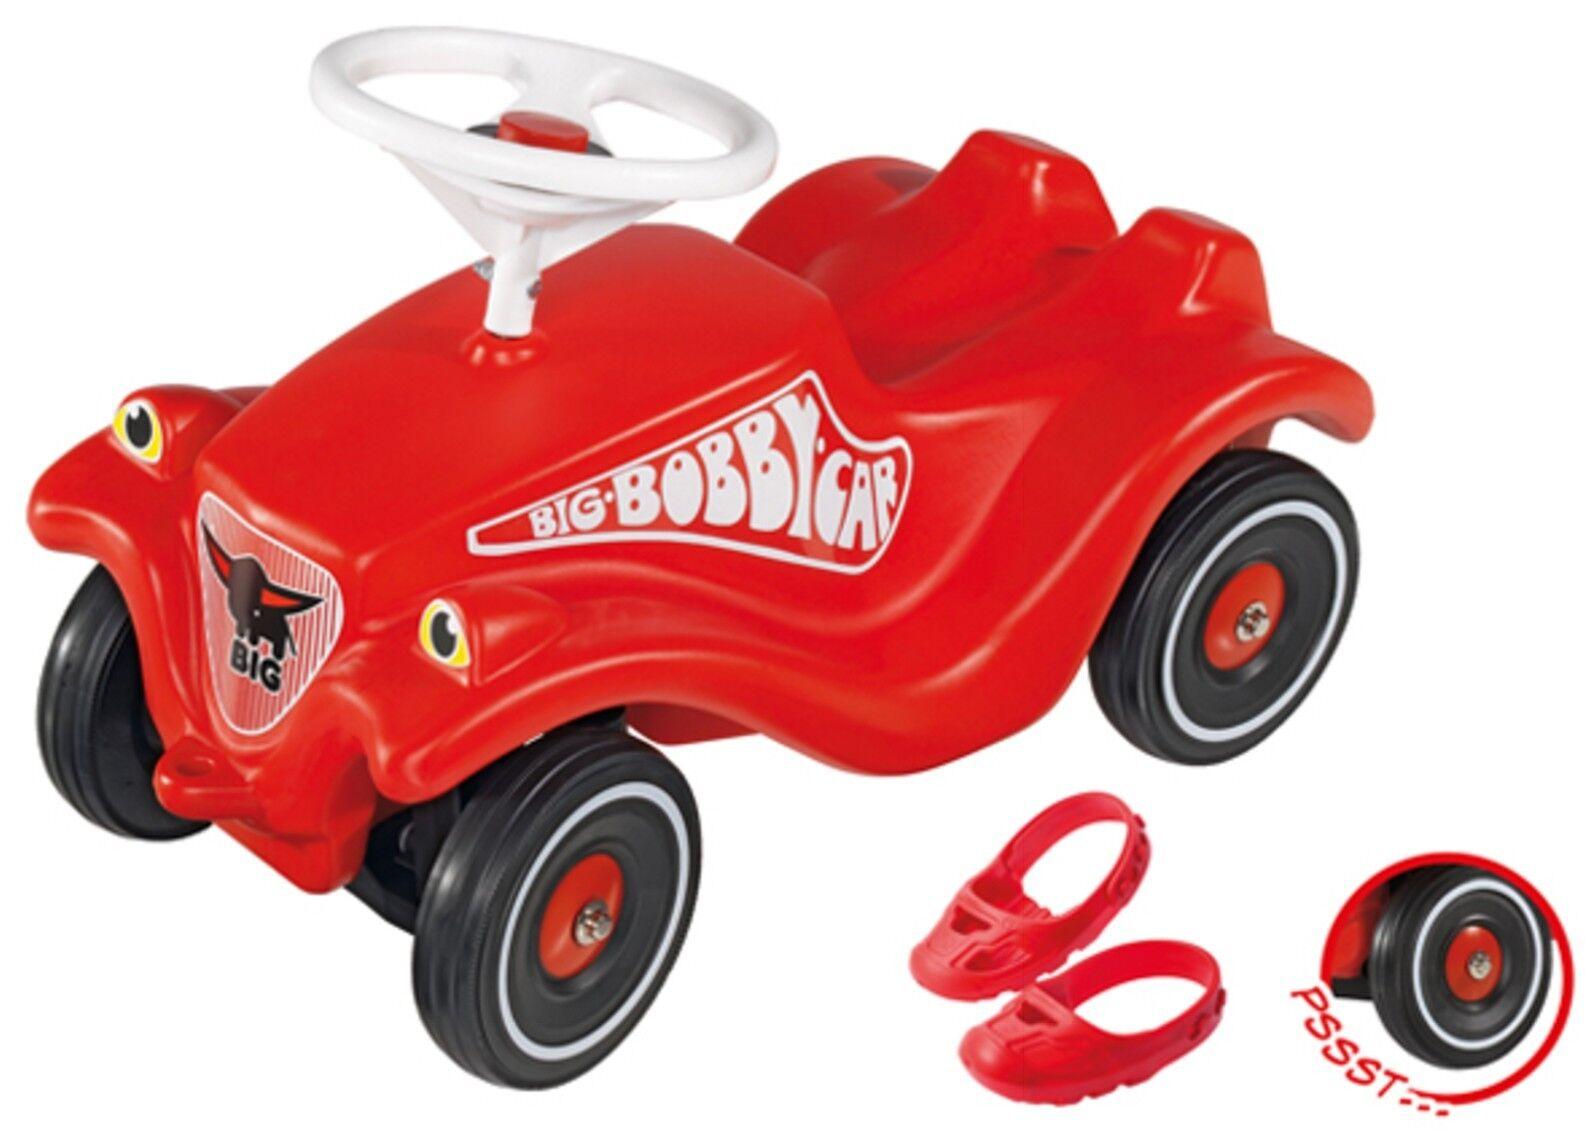 BIG bobby Car Classic rot mit Flüsterrädern und Schuhschonern Set neu ovp